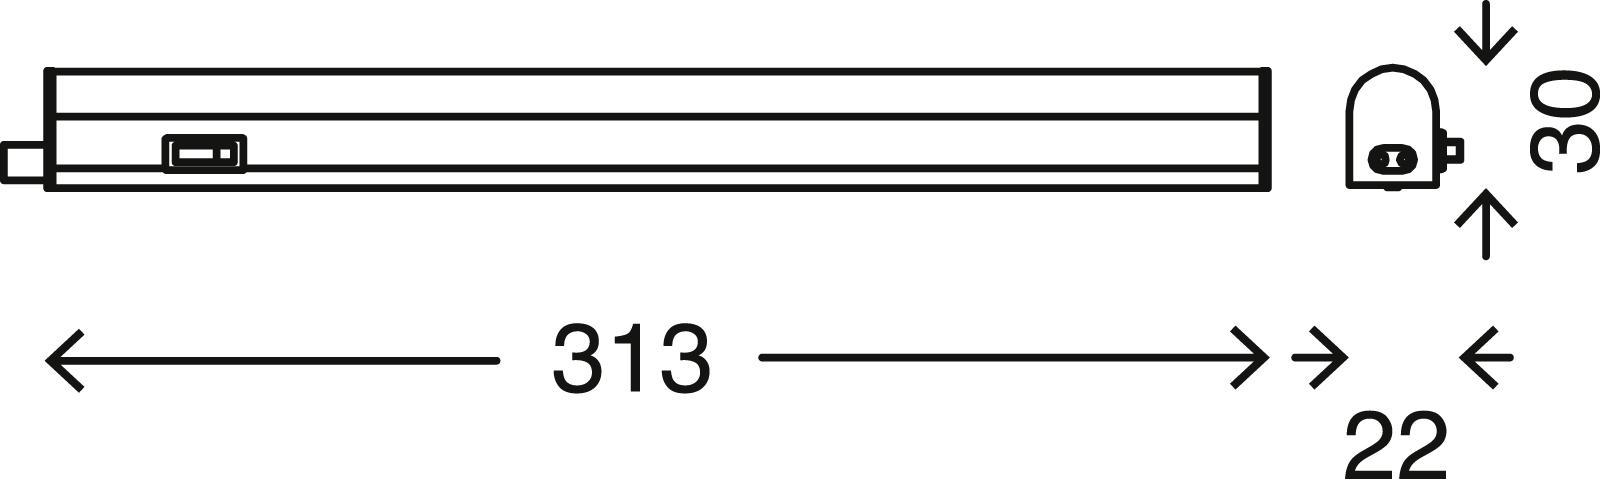 TELEFUNKEN LED Unterbauleuchte, 31,3 cm, 4 W, Weiss